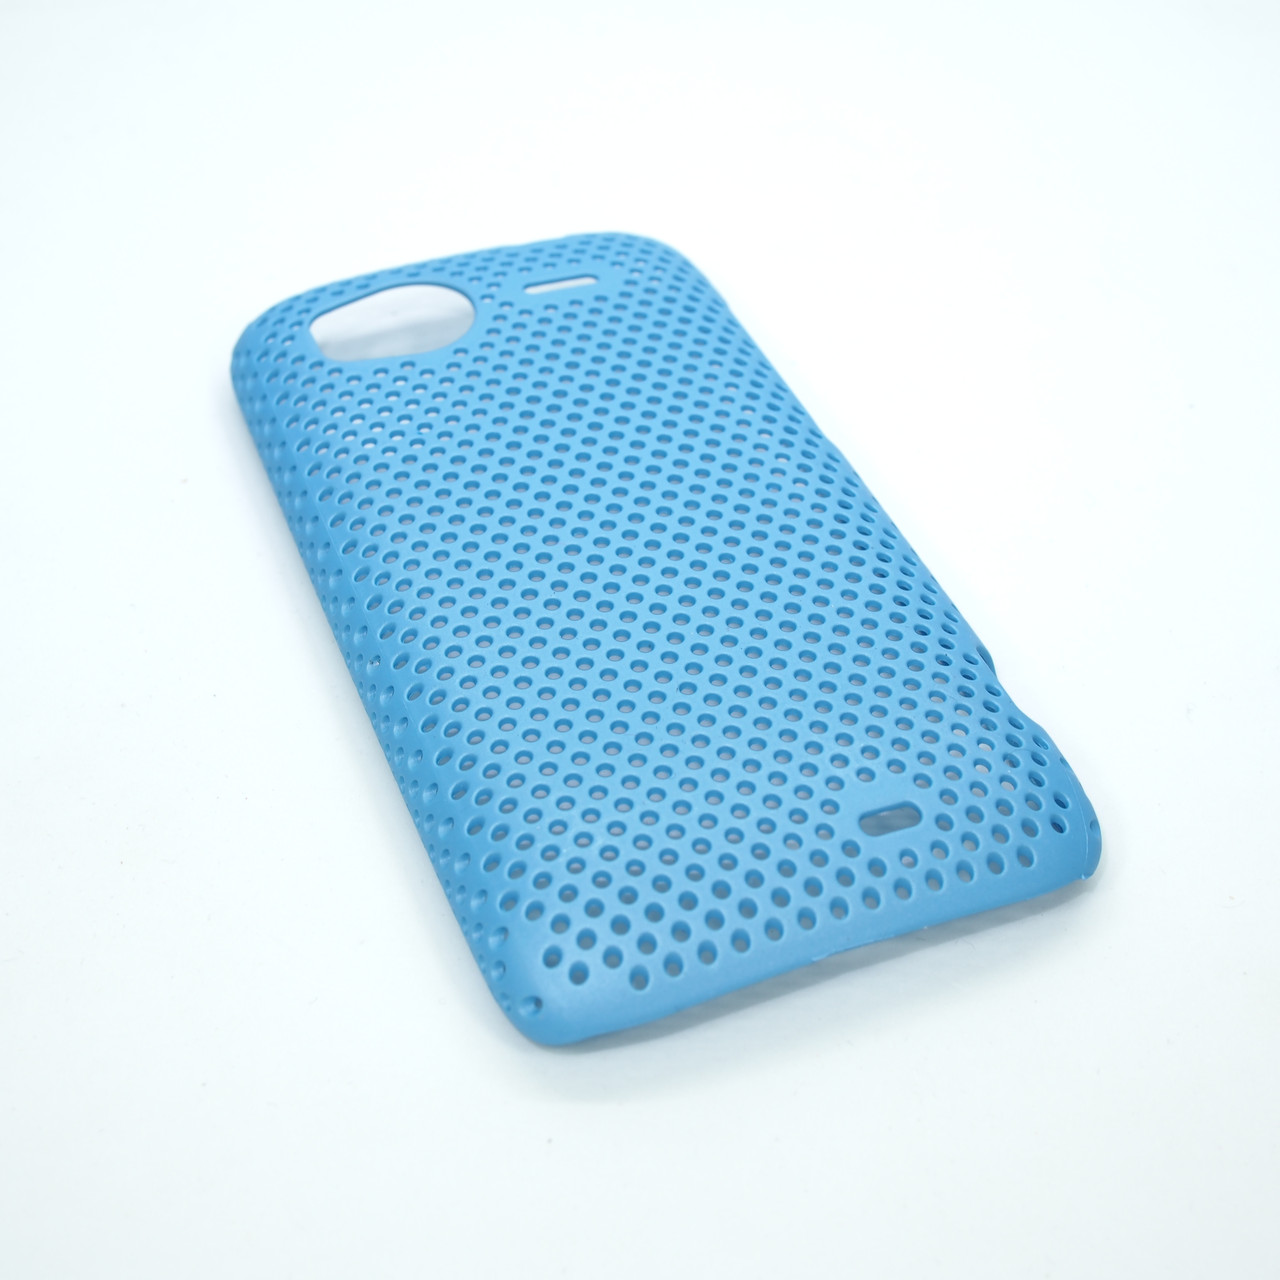 Чехлы для других смартфонов HTC Sensation light-blue Для телефона